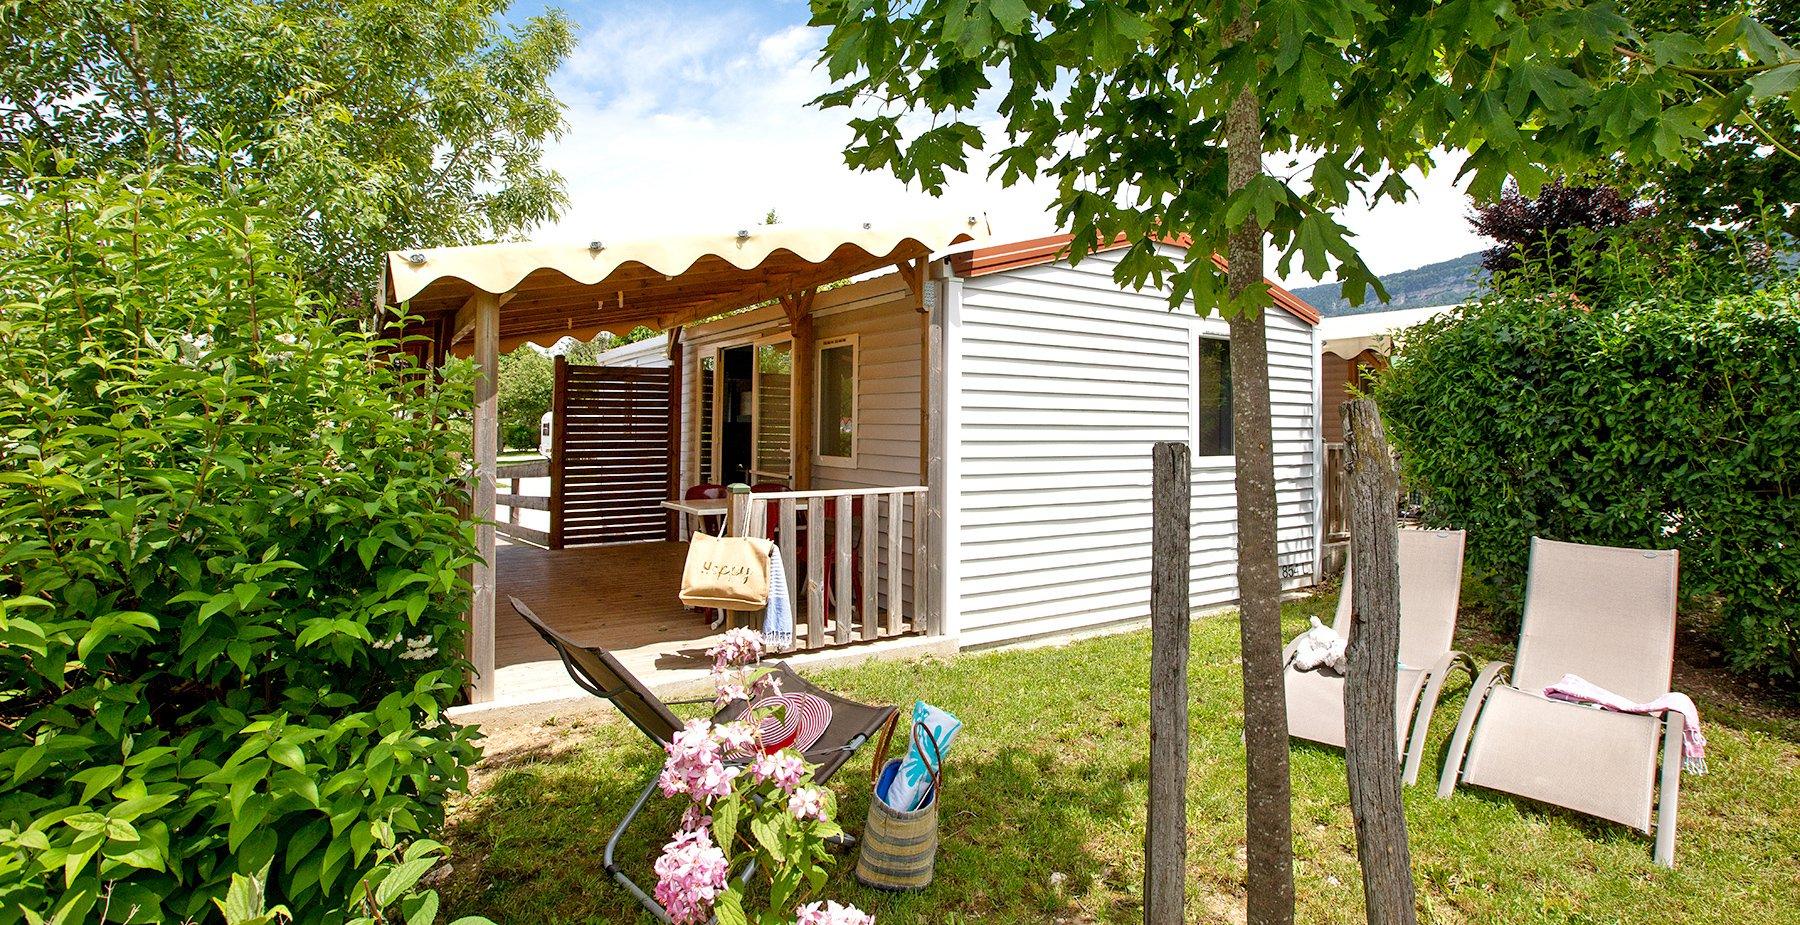 Camping 4 Étoiles Et Résidence De Vacances En Haute-Savoie encequiconcerne Camping A La Ferme Avec Piscine